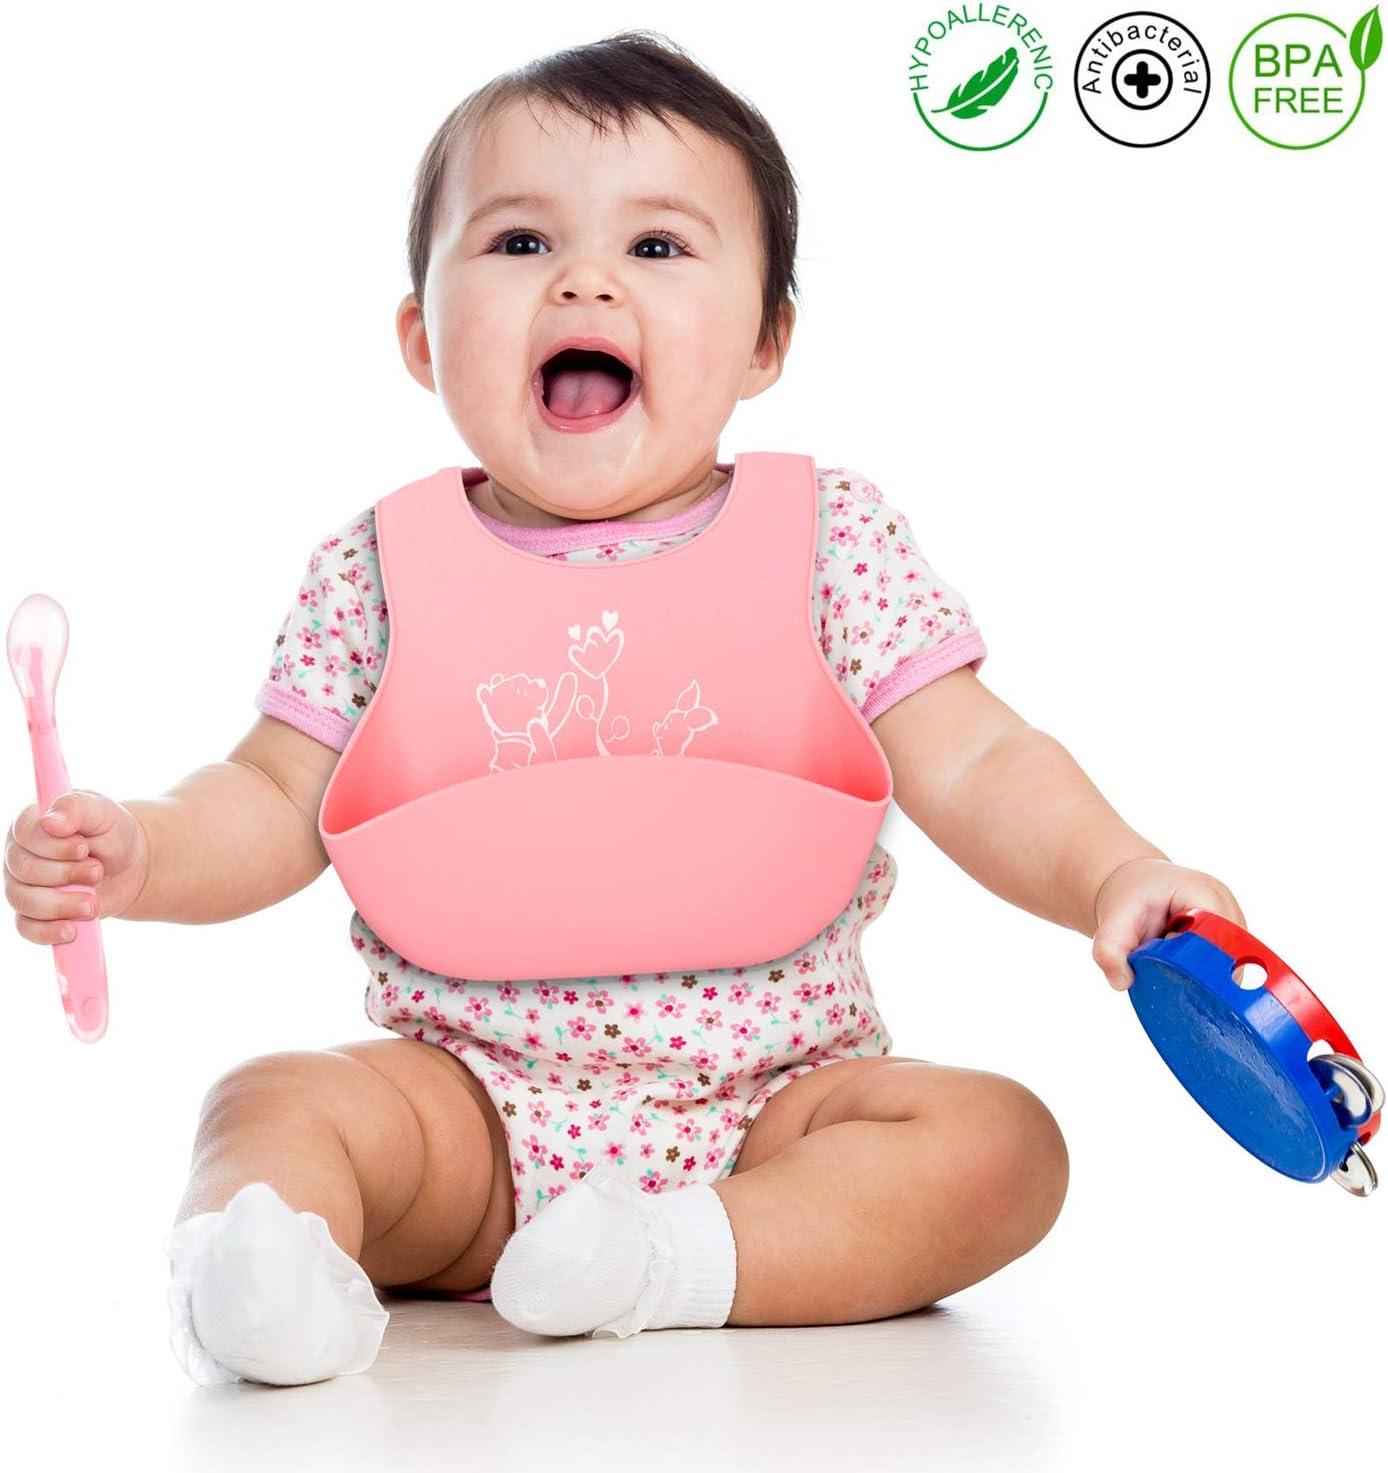 Bavoirs b/éb/é gar/çon sans BPA caoutchouc naturel fer//sable 6-18 mois